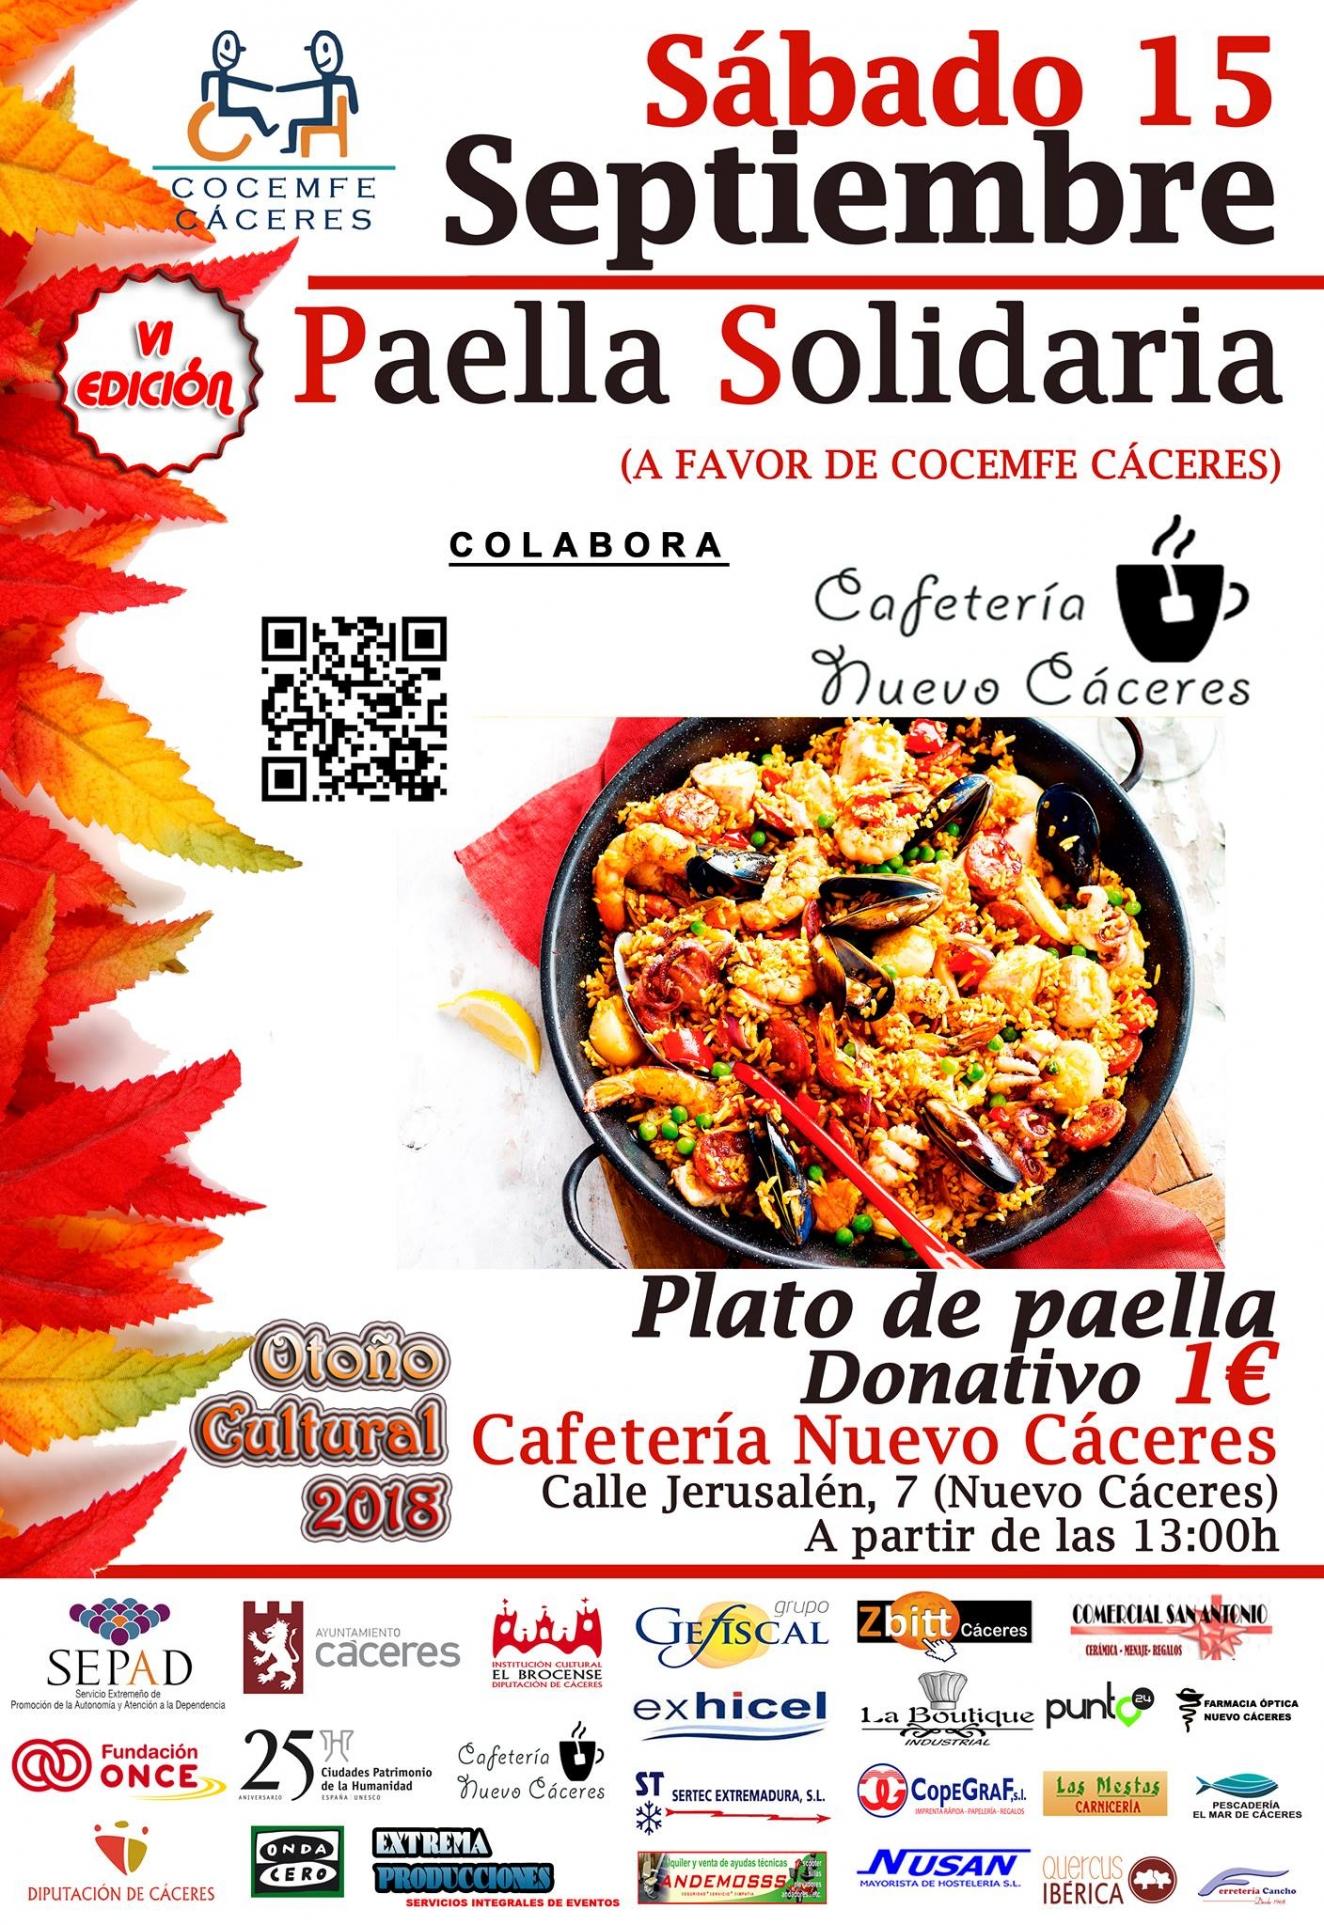 Paella Solidaria - VI Otoño Cultural Cocemfe Cáceres